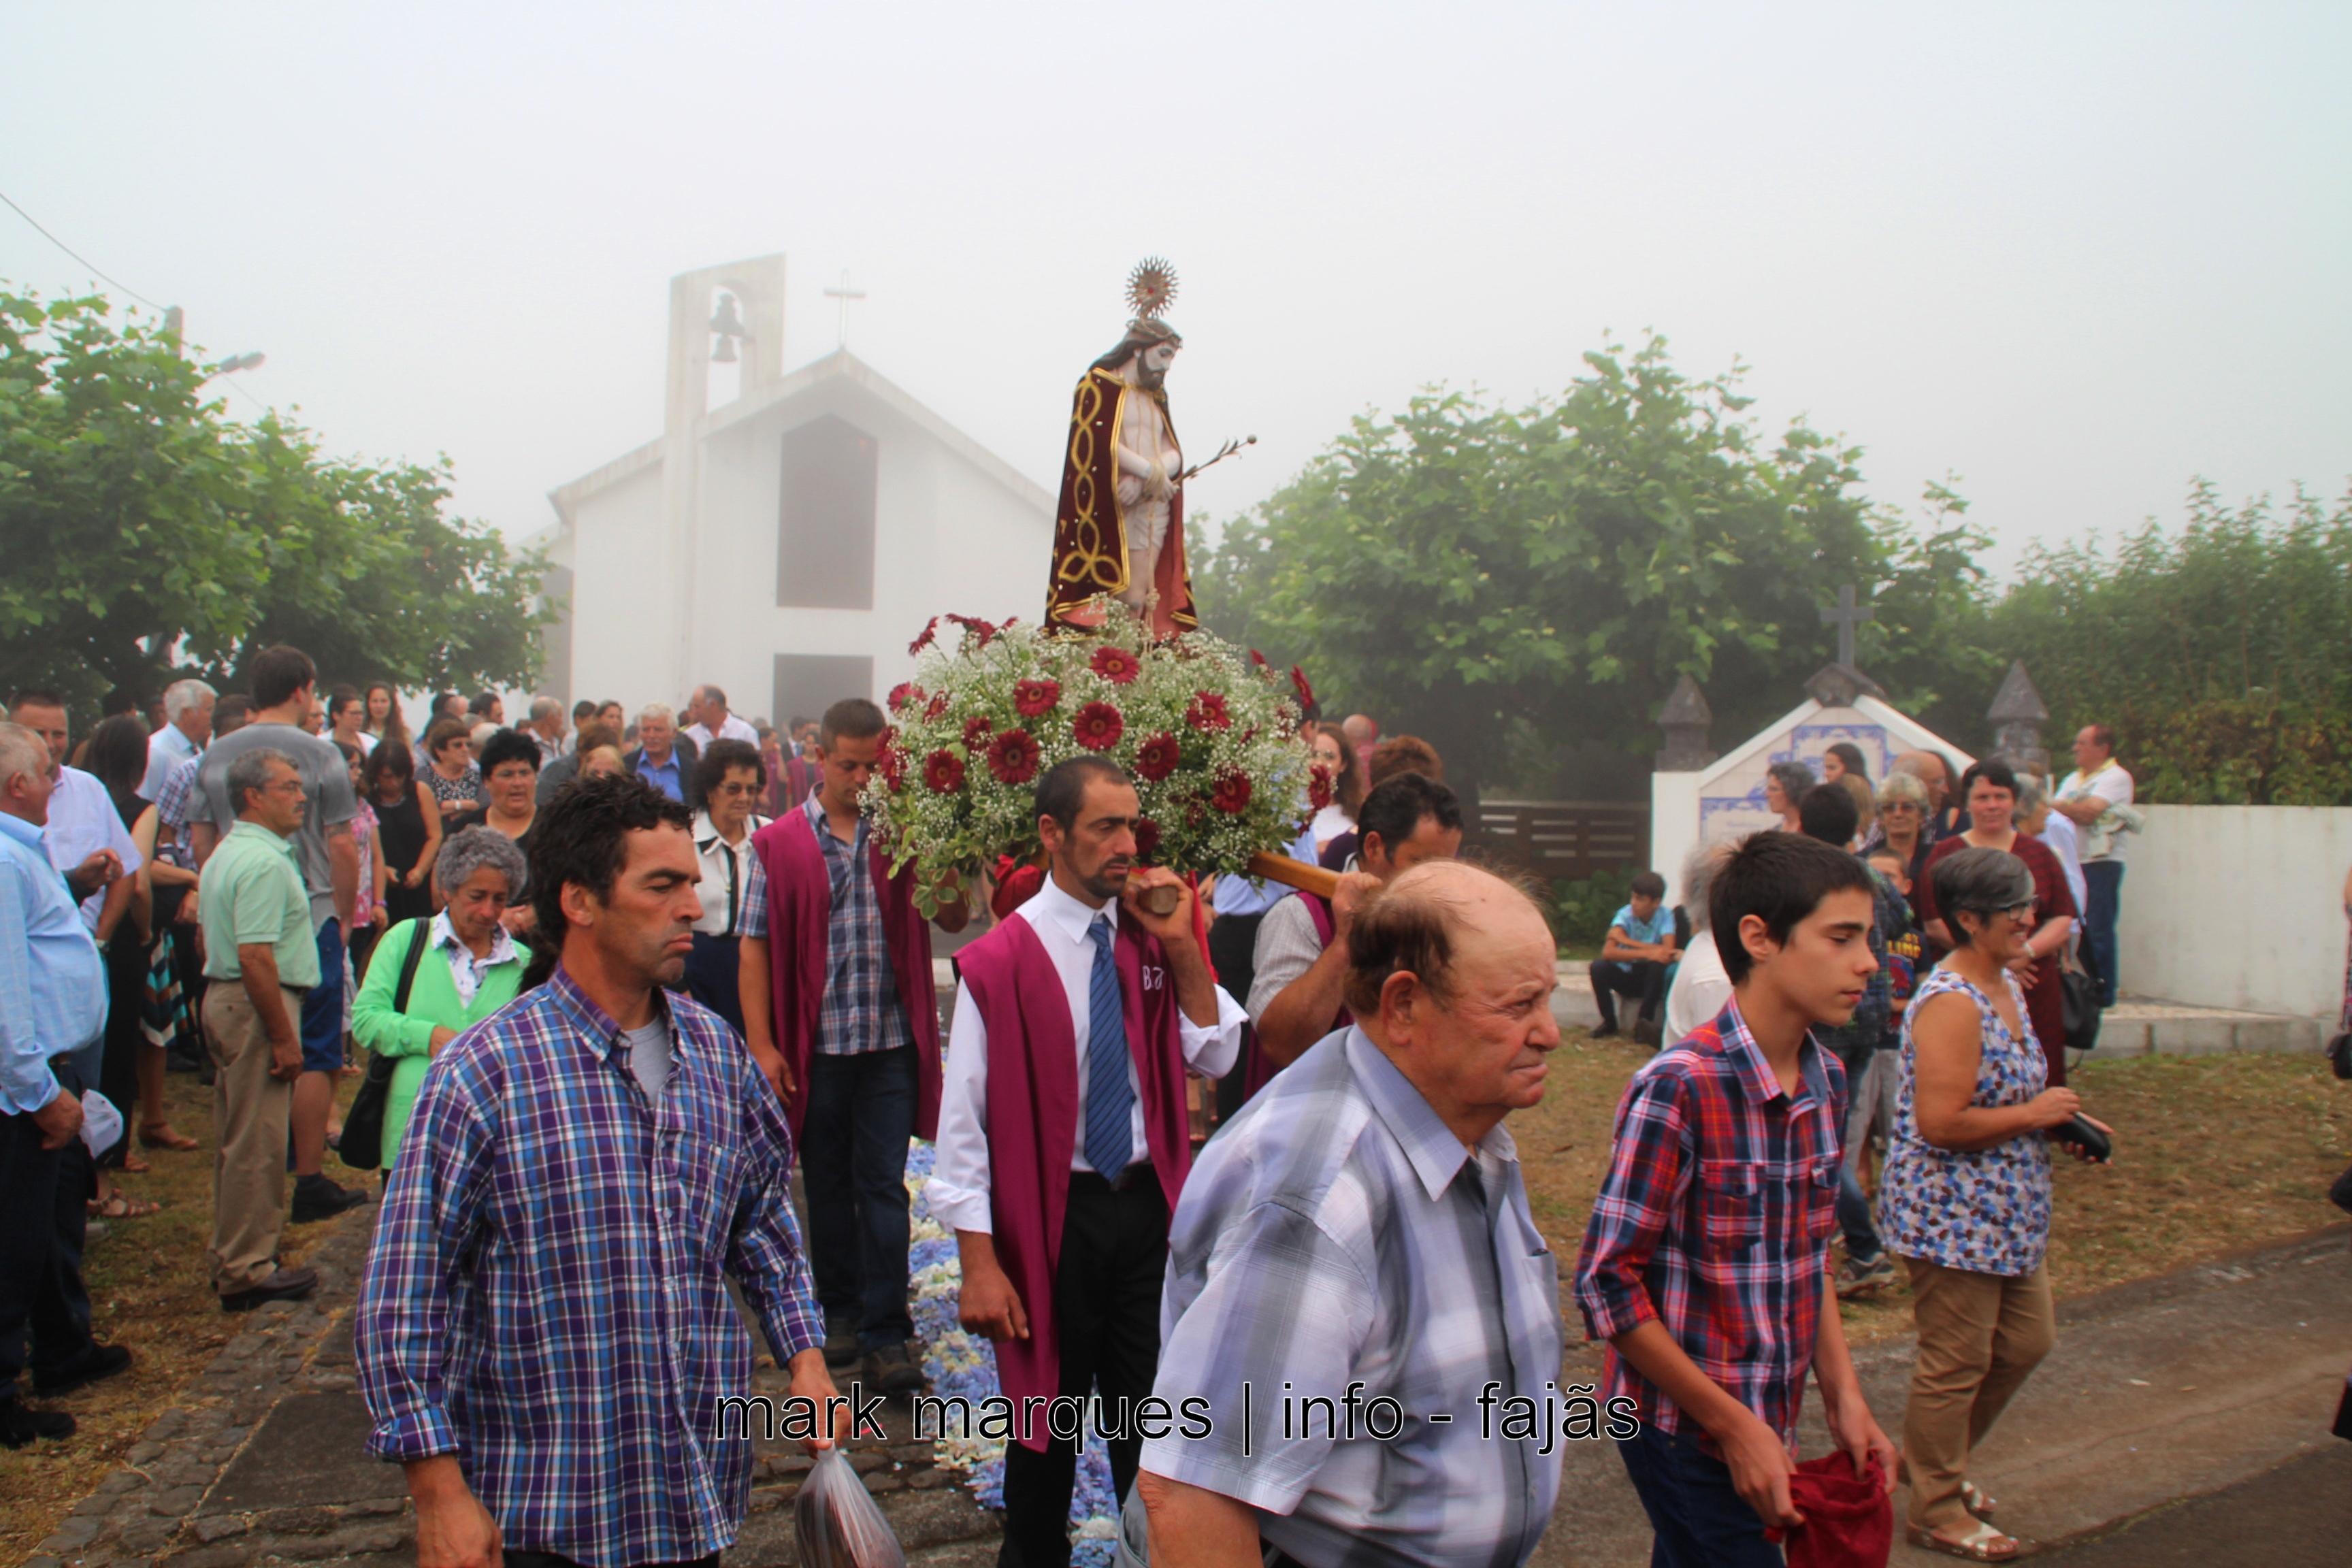 PROCISSÃO DO SENHOR BOM JESUS – CRUZAL – SANTO ANTÃO (Ilha de São Jorge- Açores) (c/ vídeo)